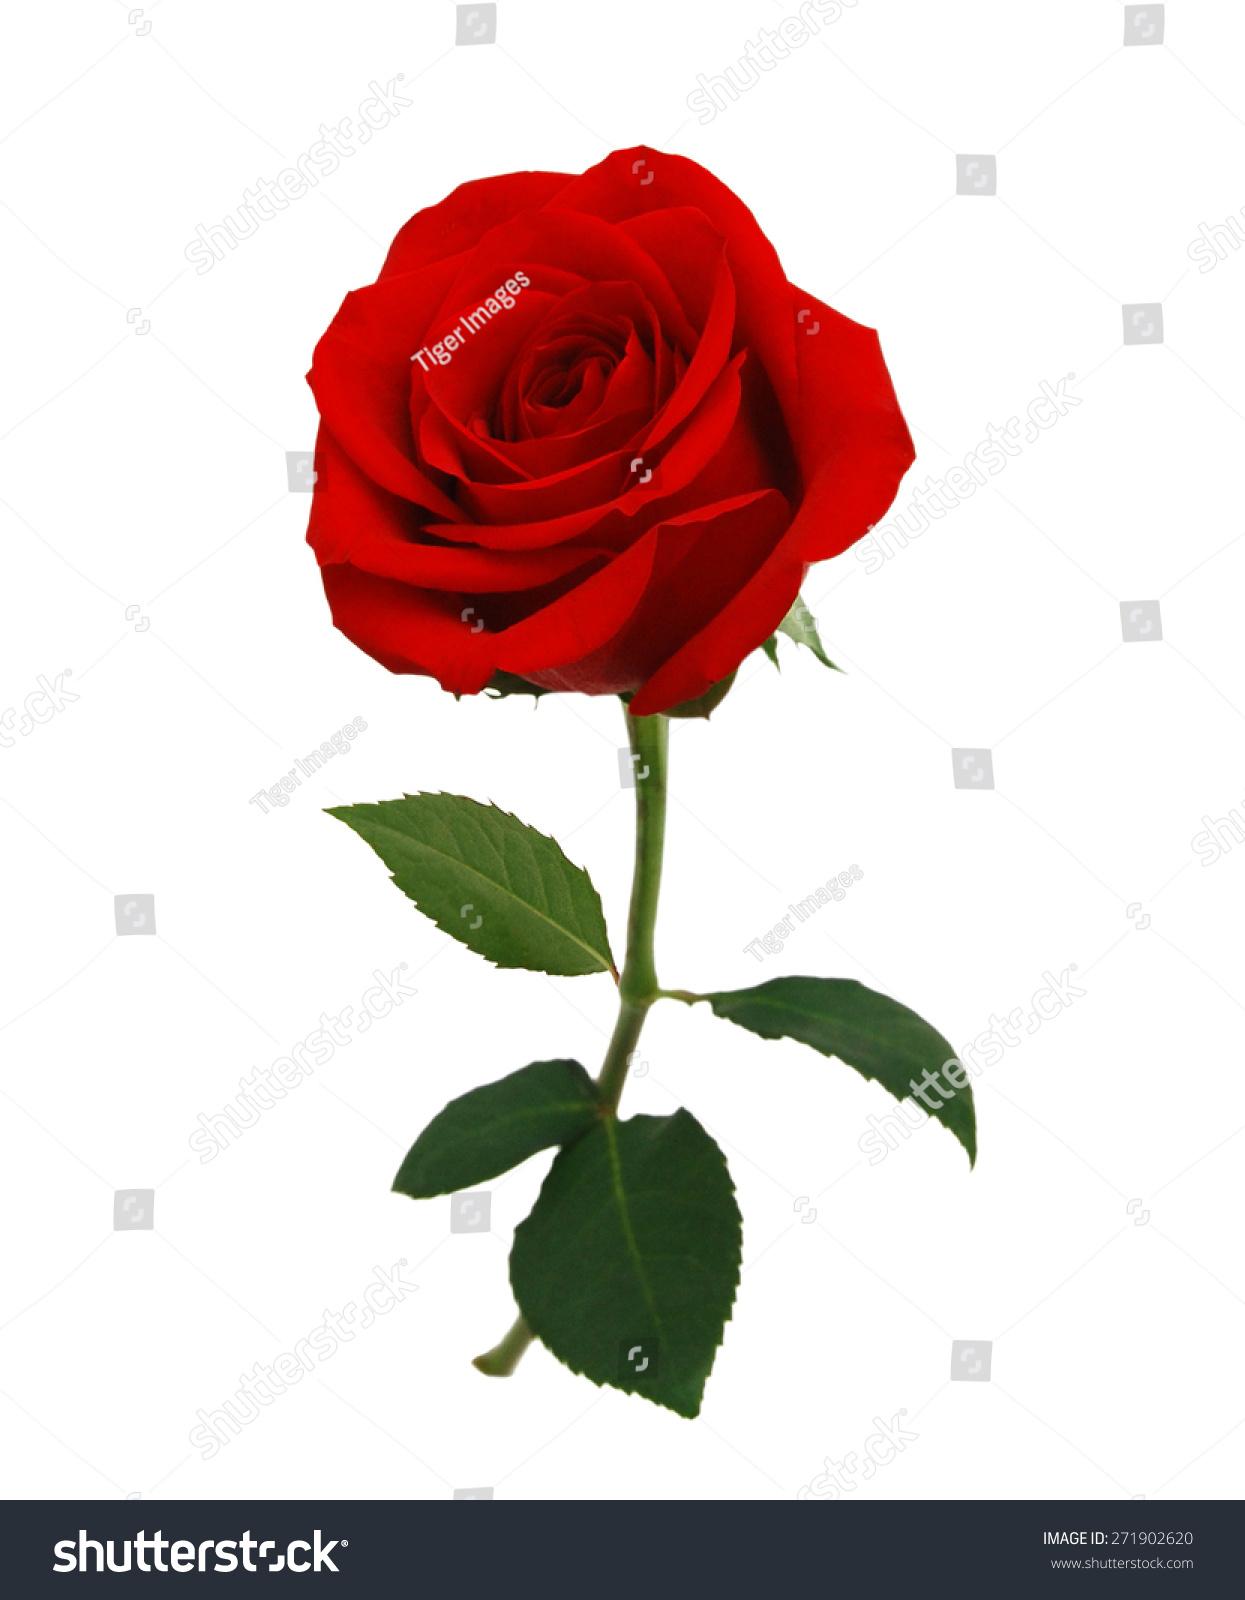 红玫瑰孤立在白色背景-背景/素材,自然-海洛创意()-合